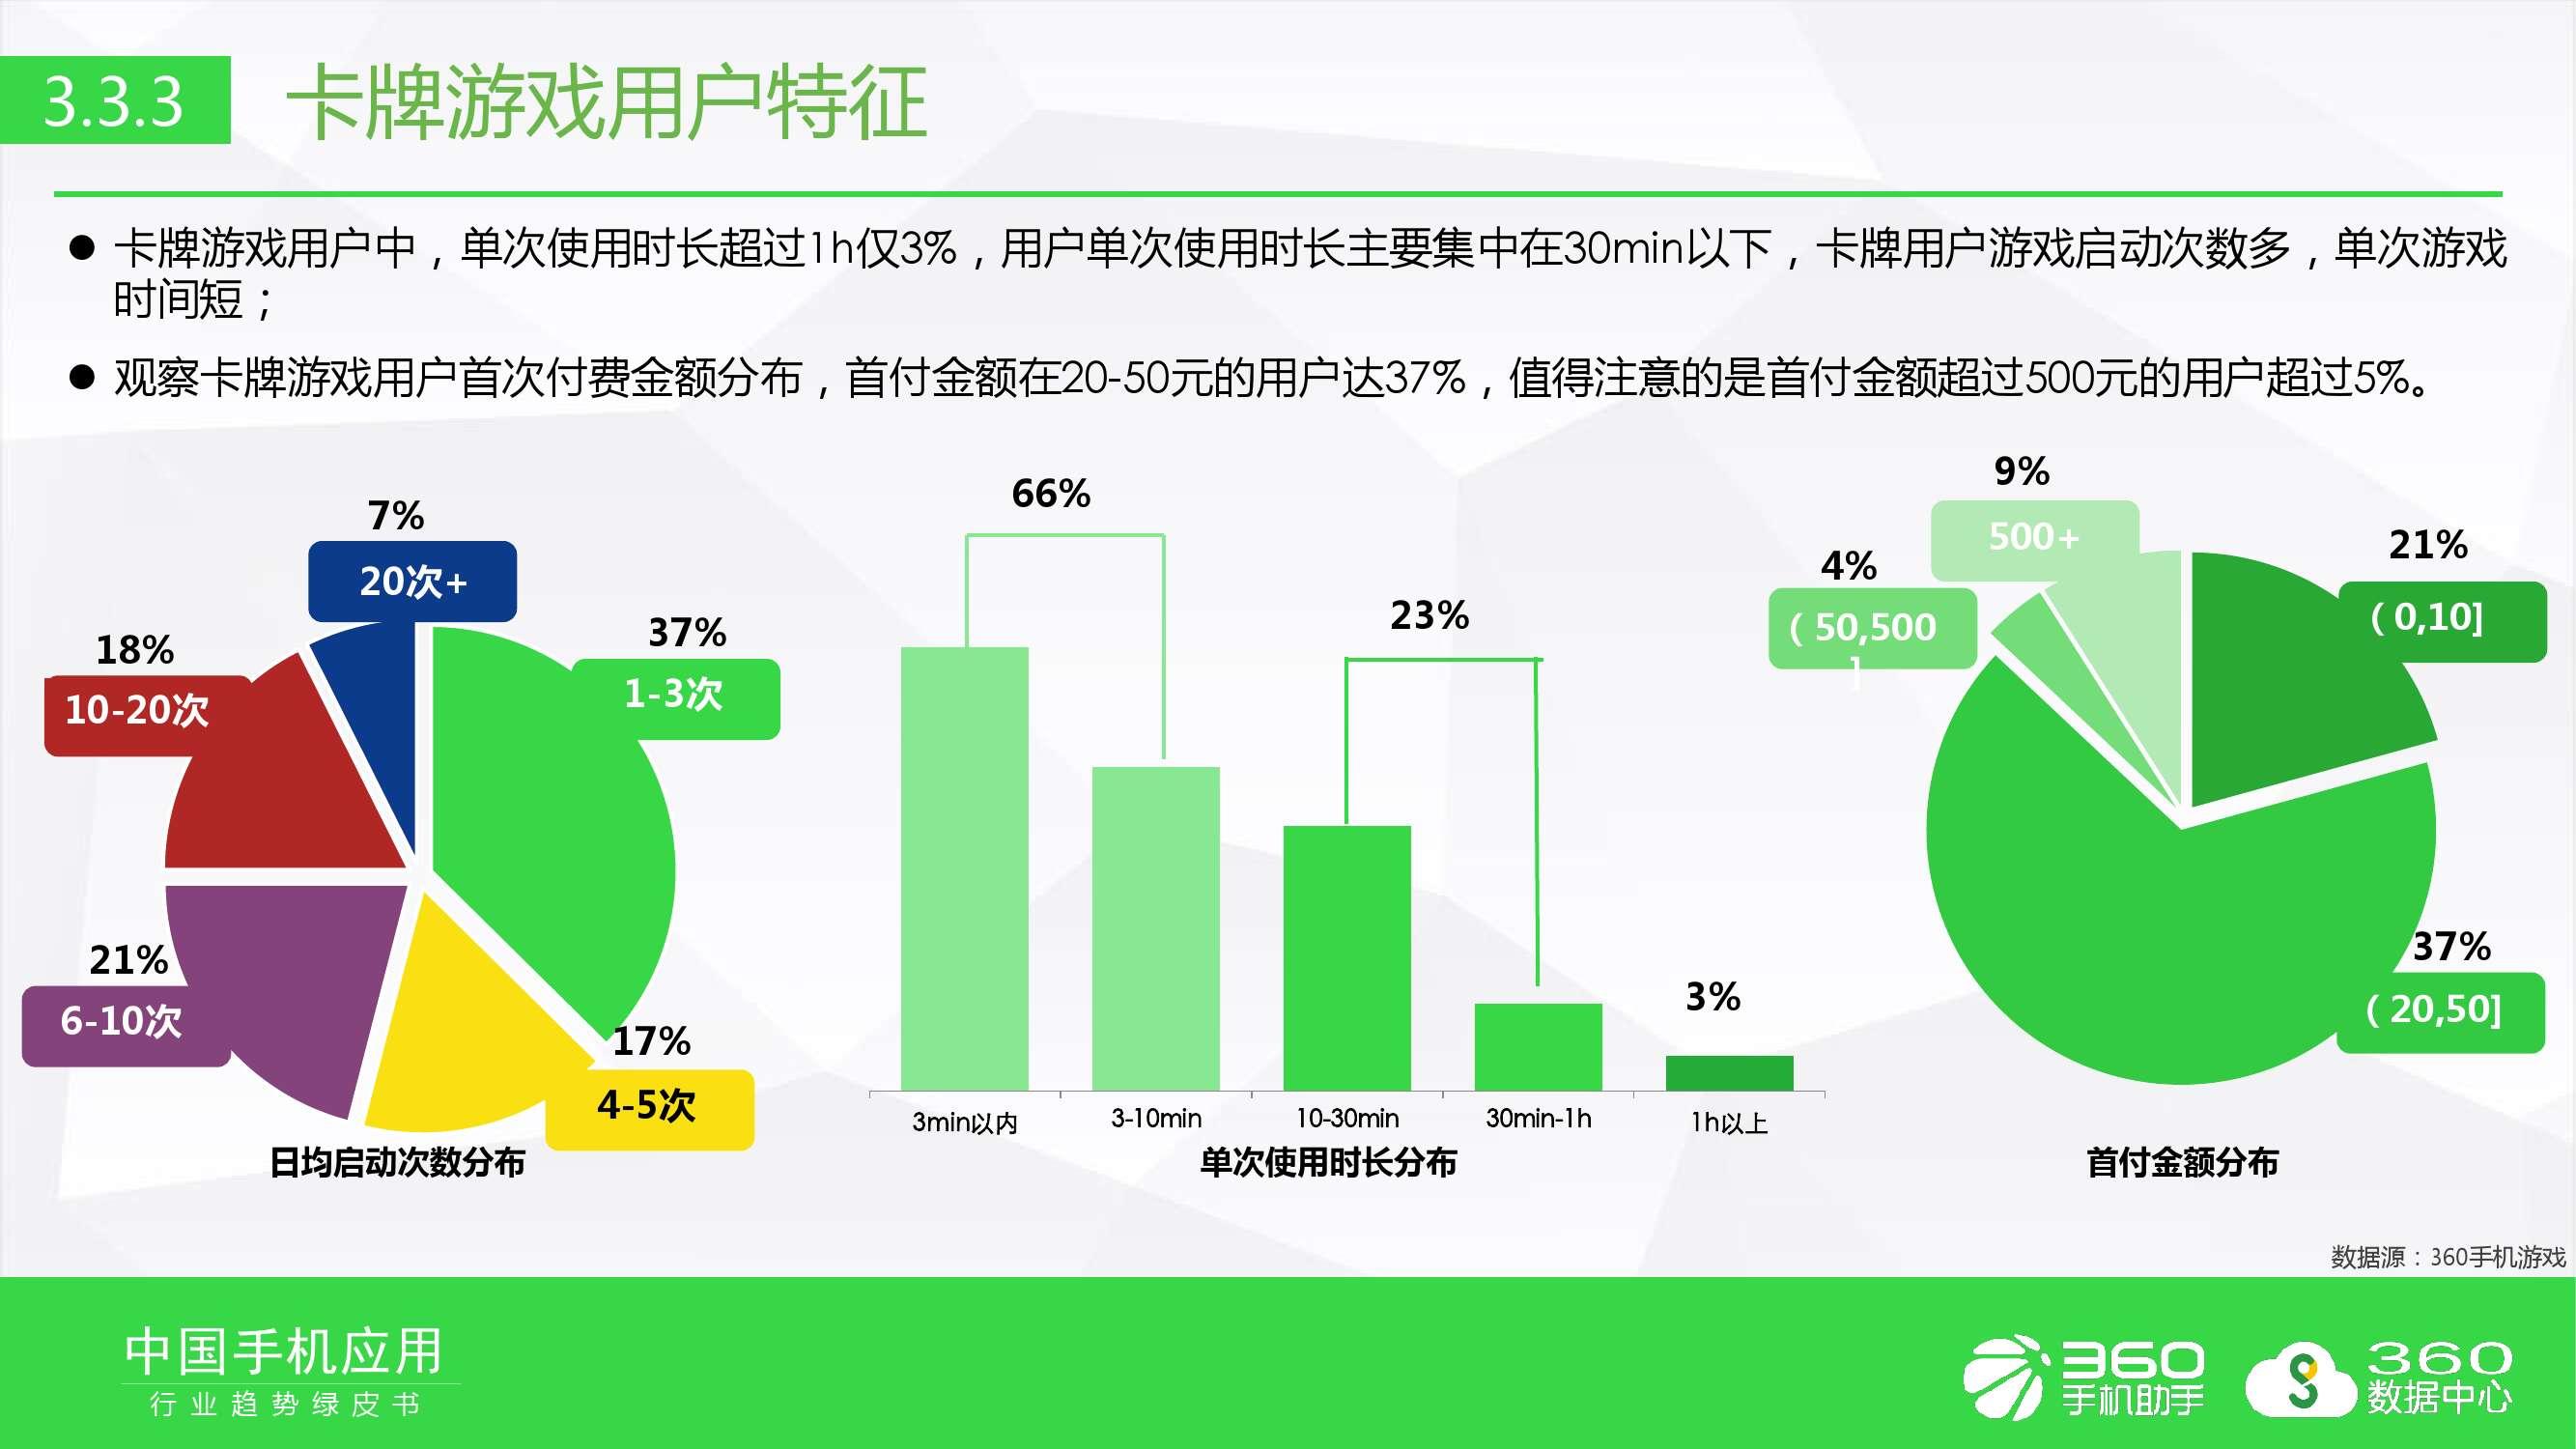 2016年手机软件行业趋势绿皮书_000035